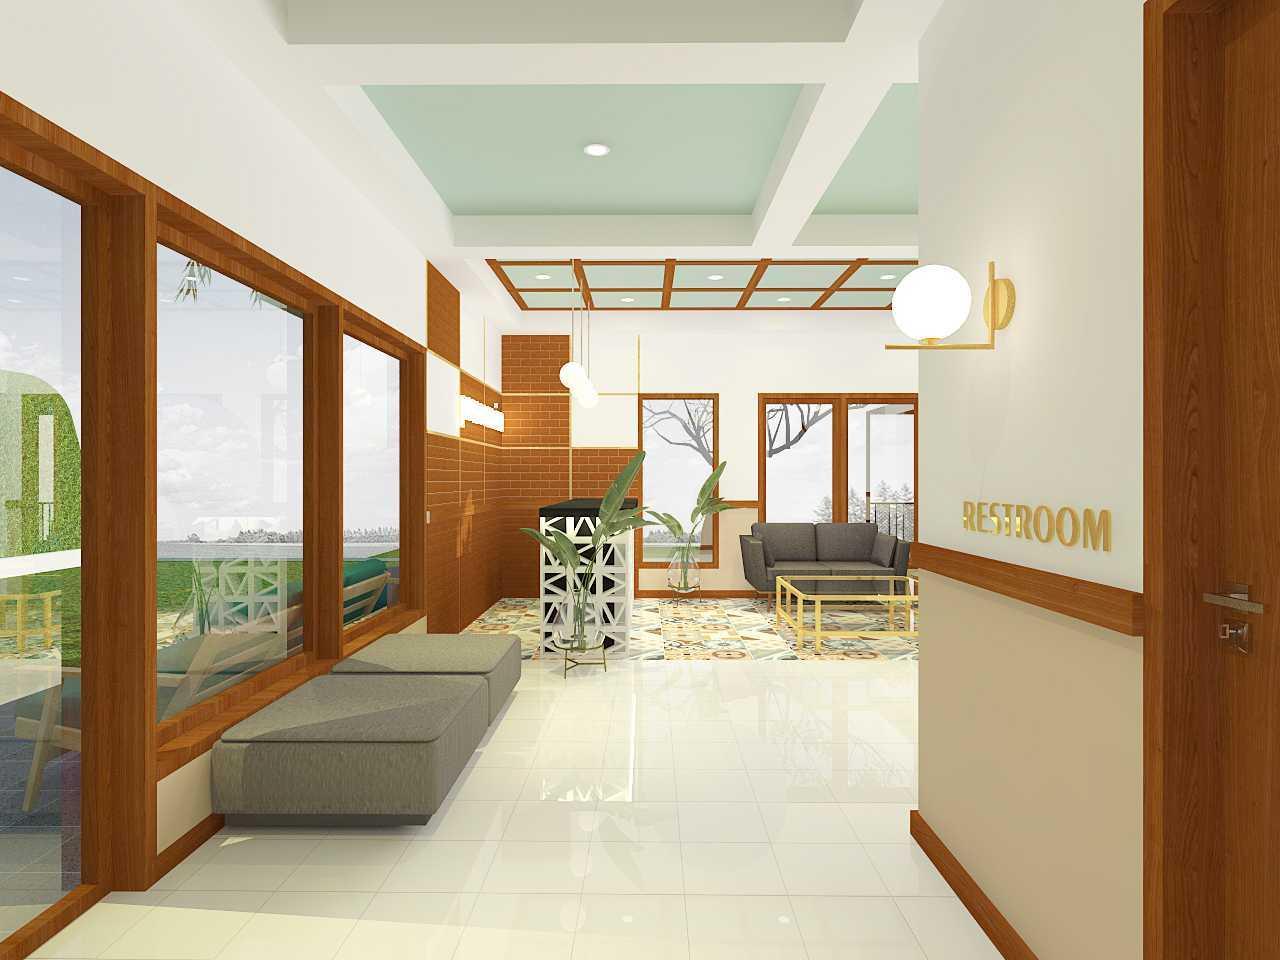 Sekala Panorama Inn Guesthouse Batu, Kec. Batu, Kota Batu, Jawa Timur, Indonesia Batu, Kec. Batu, Kota Batu, Jawa Timur, Indonesia Sekala-Panorama-Inn-Guesthouse  74497